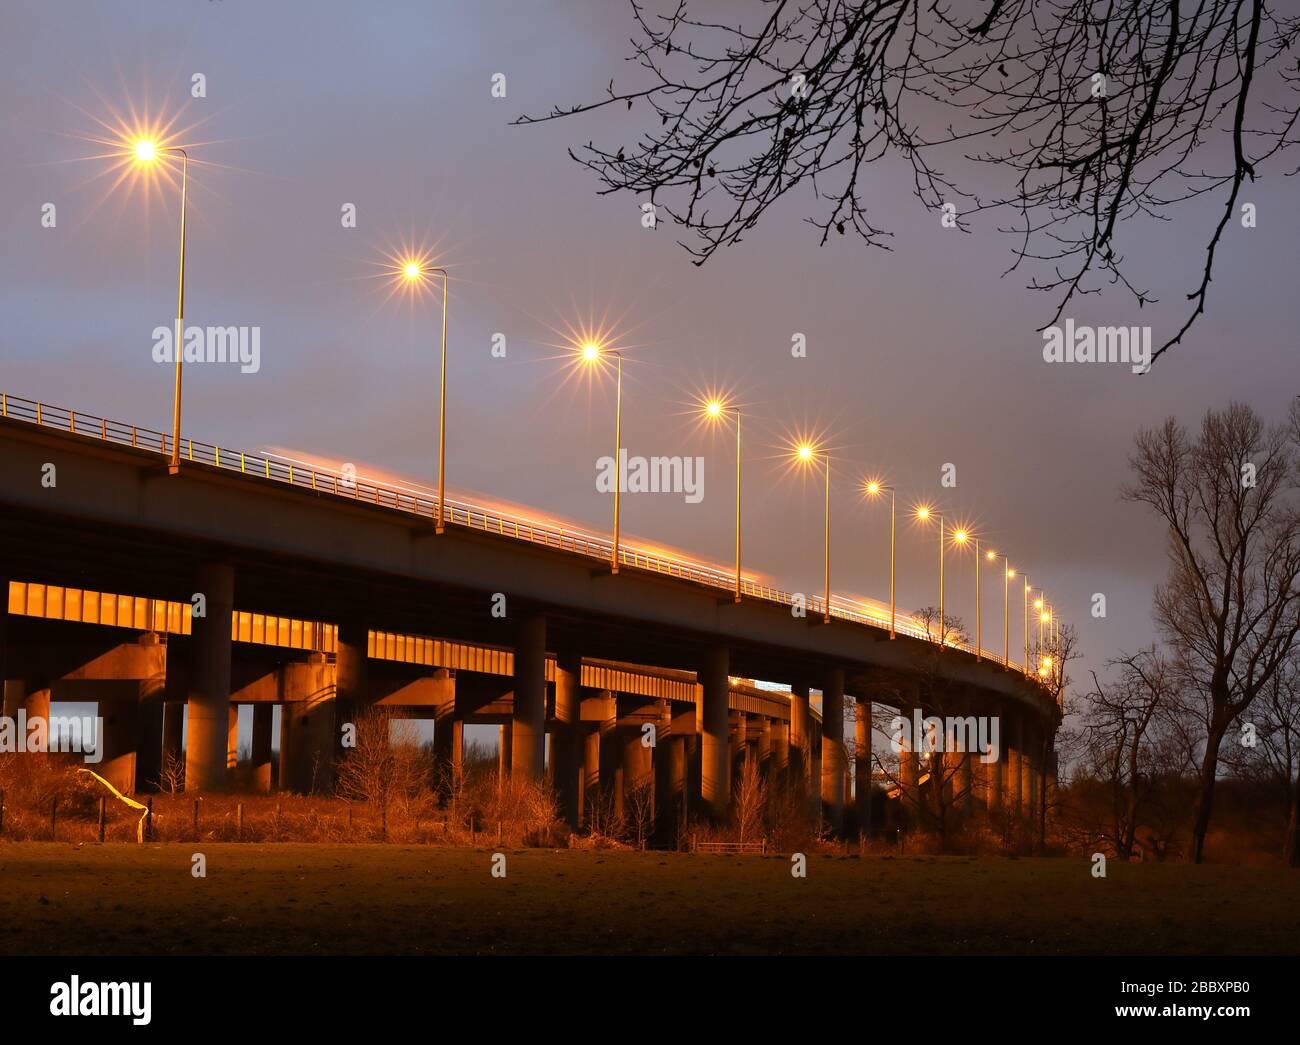 Dieses Stockfoto: M6 Thelwall Stahlverbundträger Viadukt, - 2BBXPB